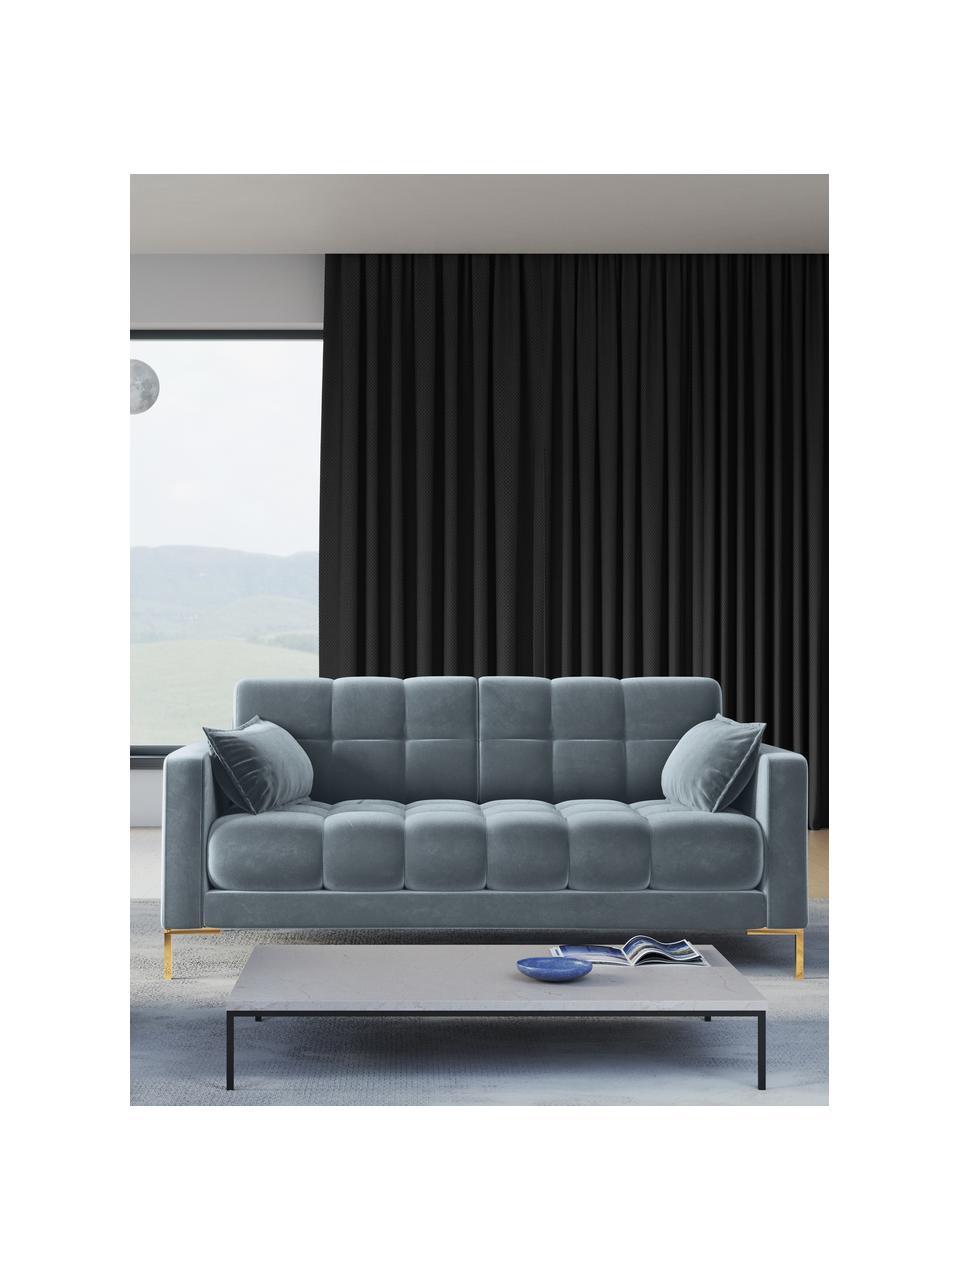 Sofa z aksamitu Mamaia (2-osobowa), Tapicerka: aksamit poliestrowy Dzięk, Stelaż: lite drewno sosnowe, skle, Nogi: metal lakierowany, Niebieski, S 177 x G 92 cm